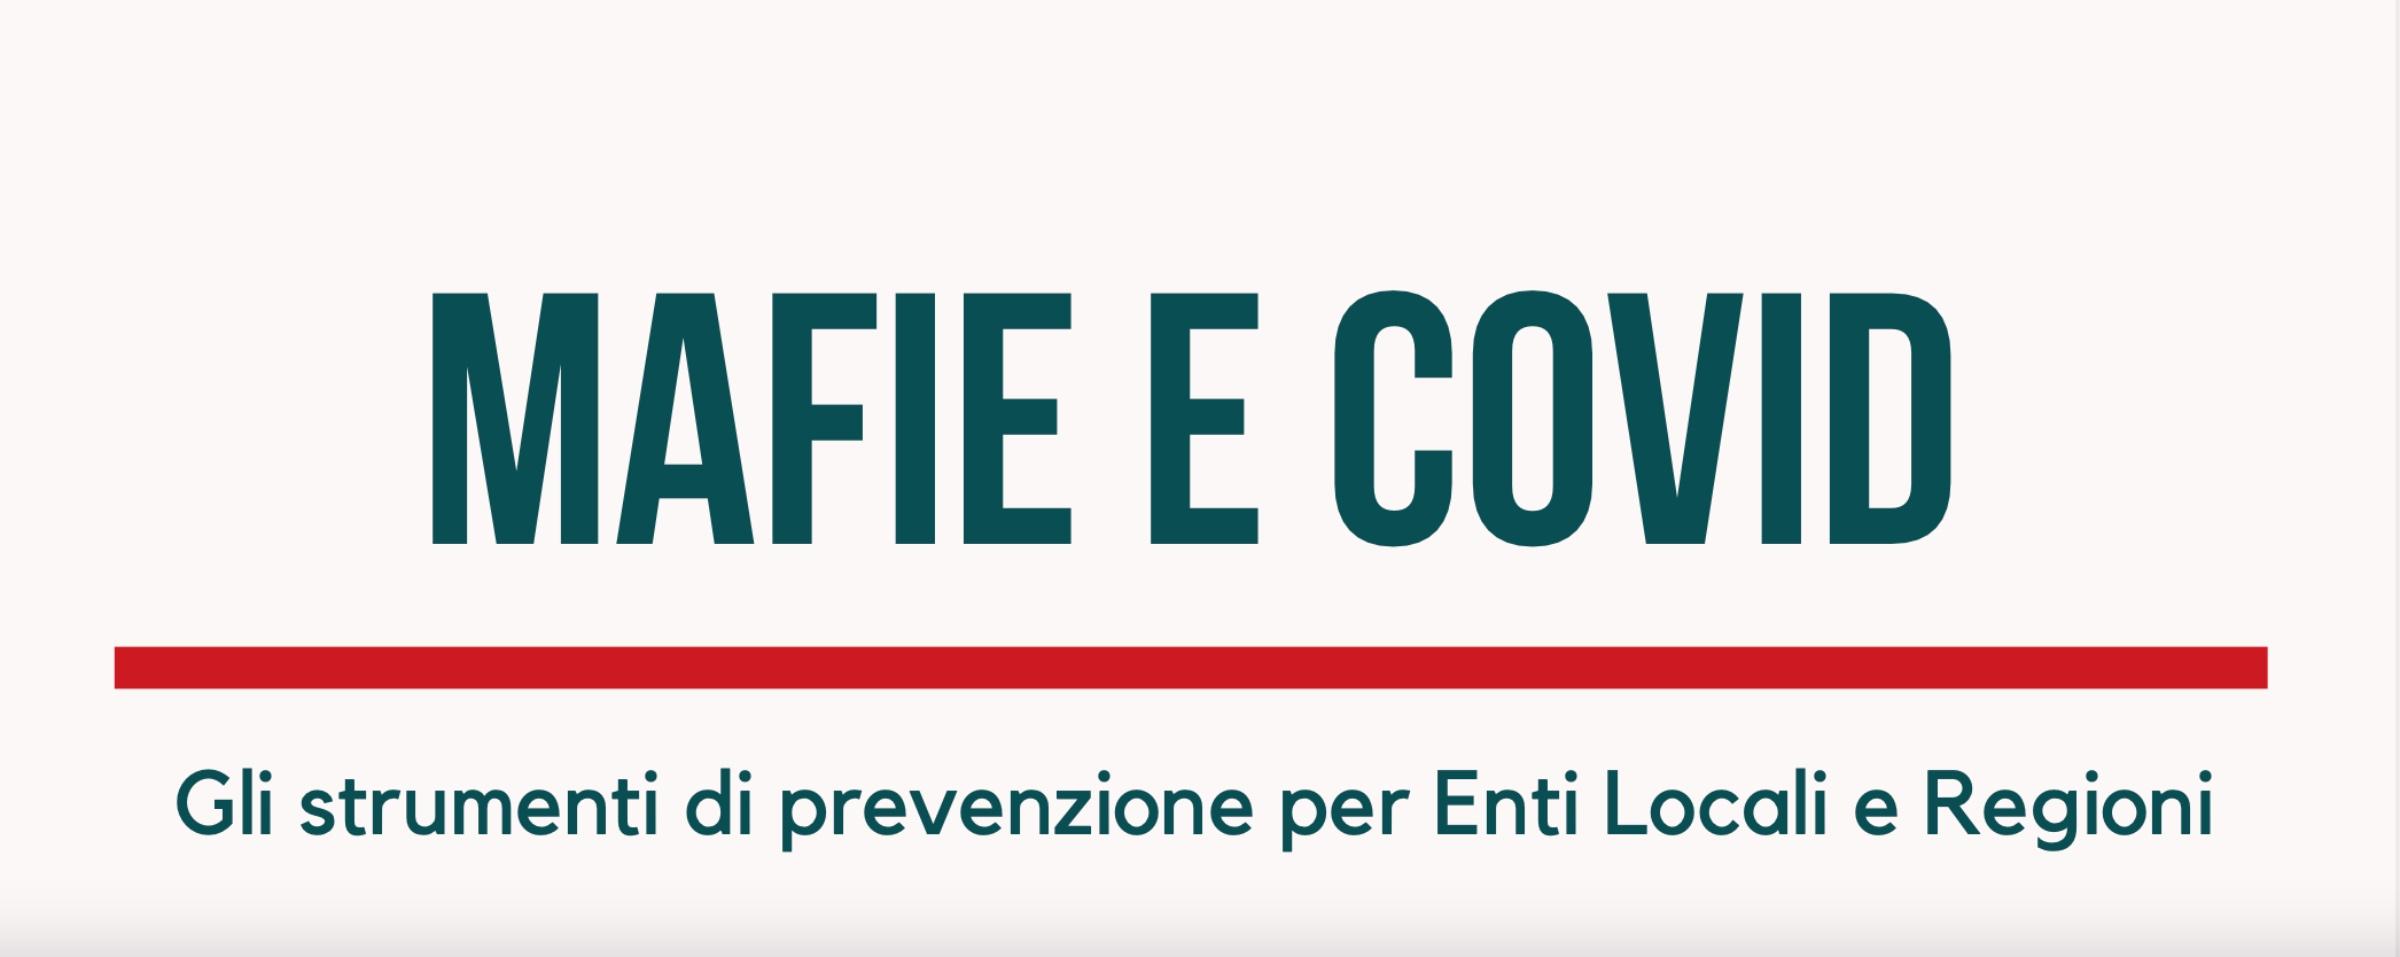 Strumenti di prevenzione per Enti locali e Regioni: dal 12 febbraio al 18 marzo, quattro incontri formativi rivolti ai soci di Avviso Pubblico